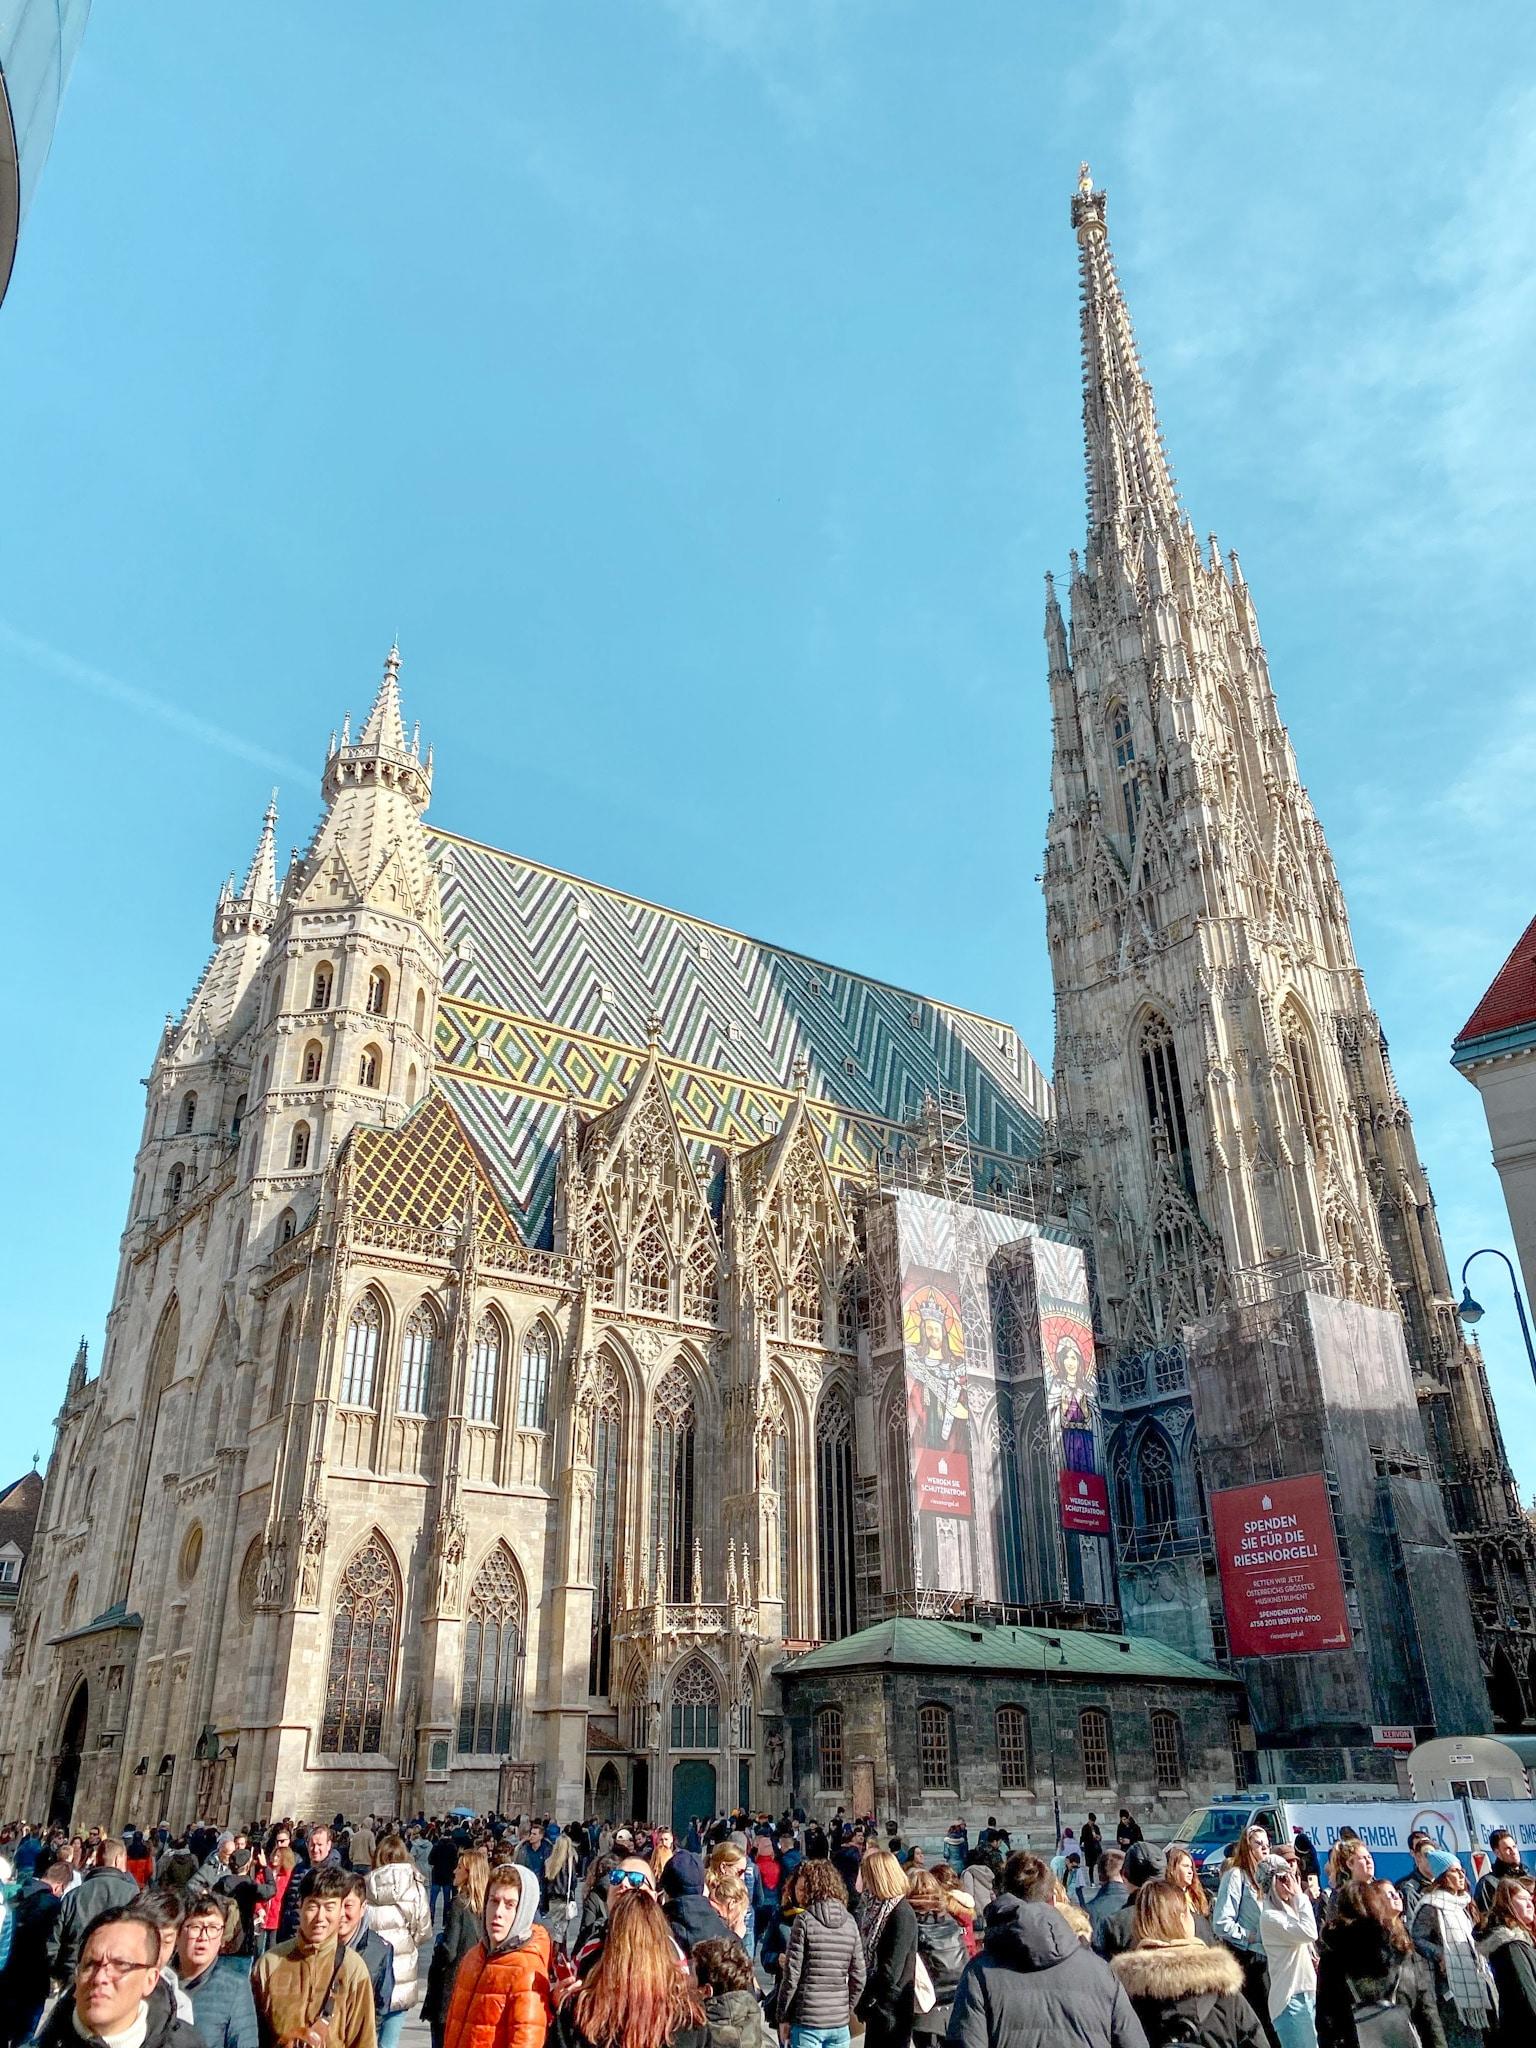 St. Stephen's Cathedral (Stefansdom) in Vienna, Austria.